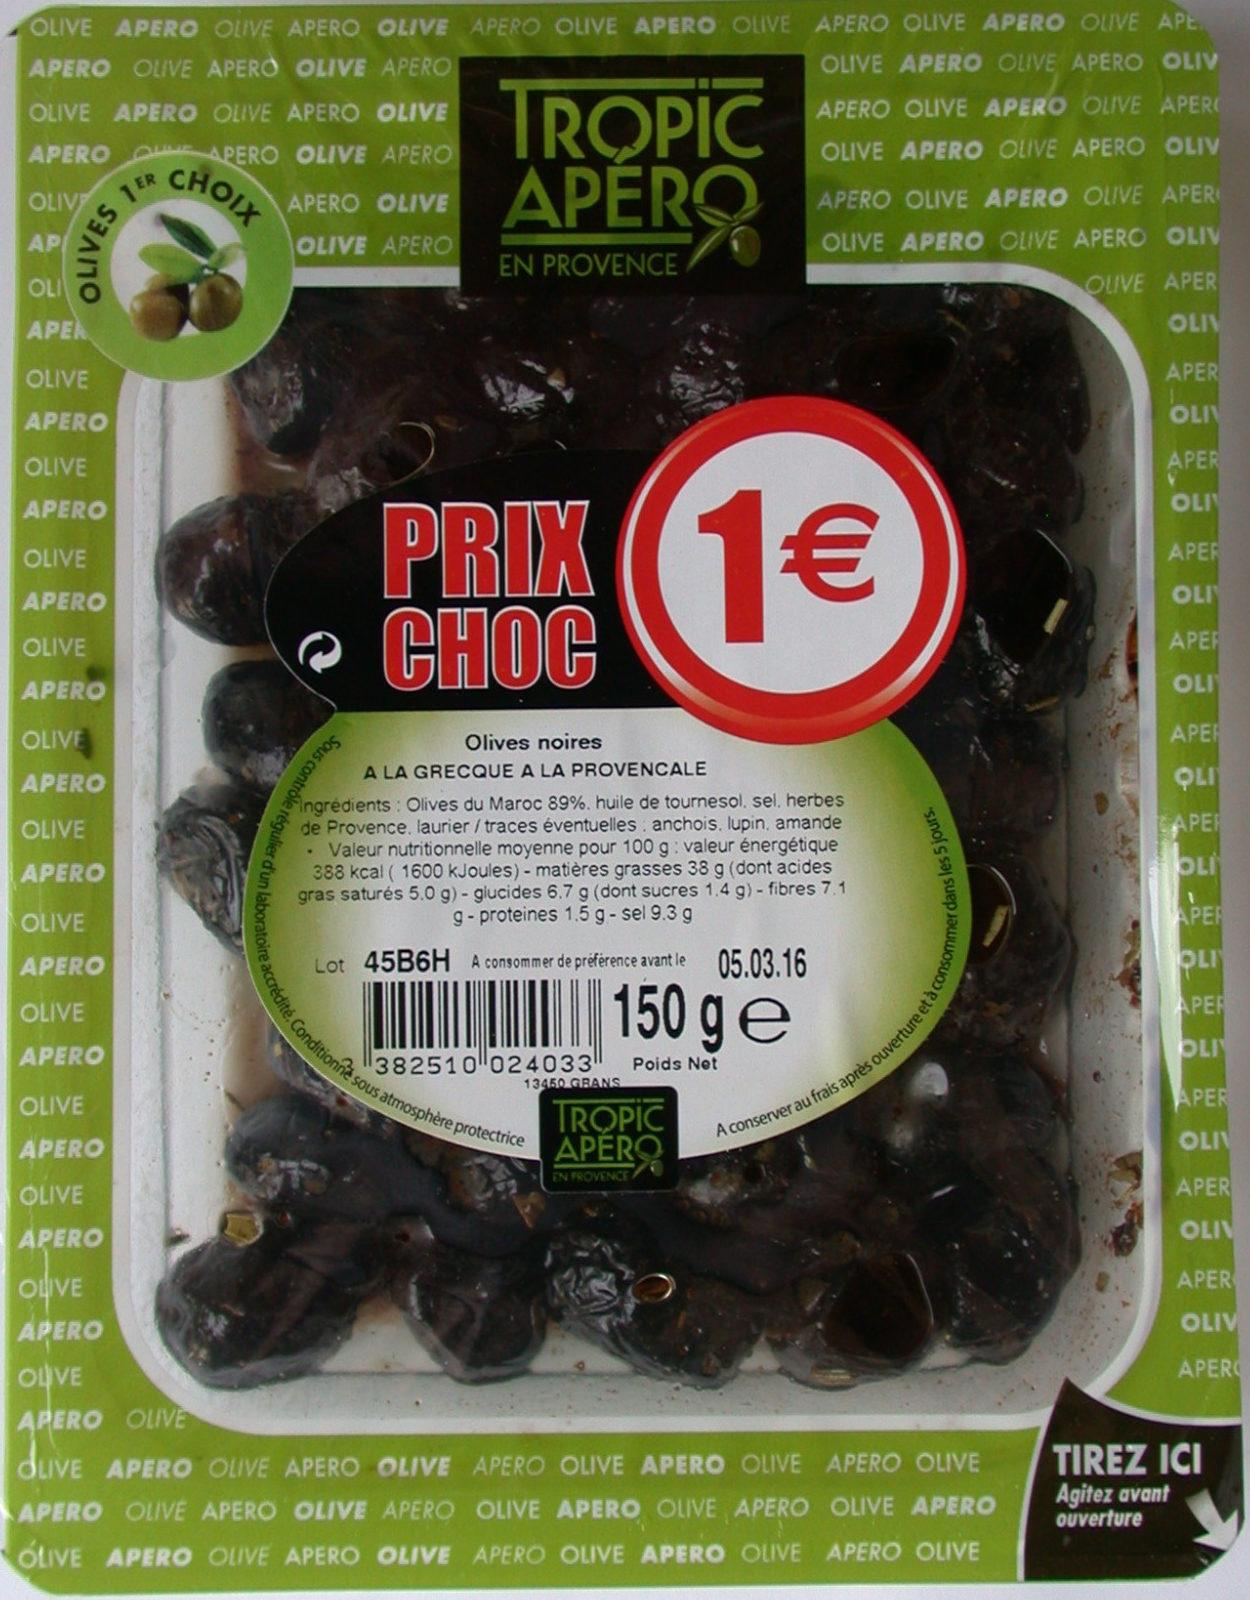 Olives noires a la grecque a la provencale - Produit - fr